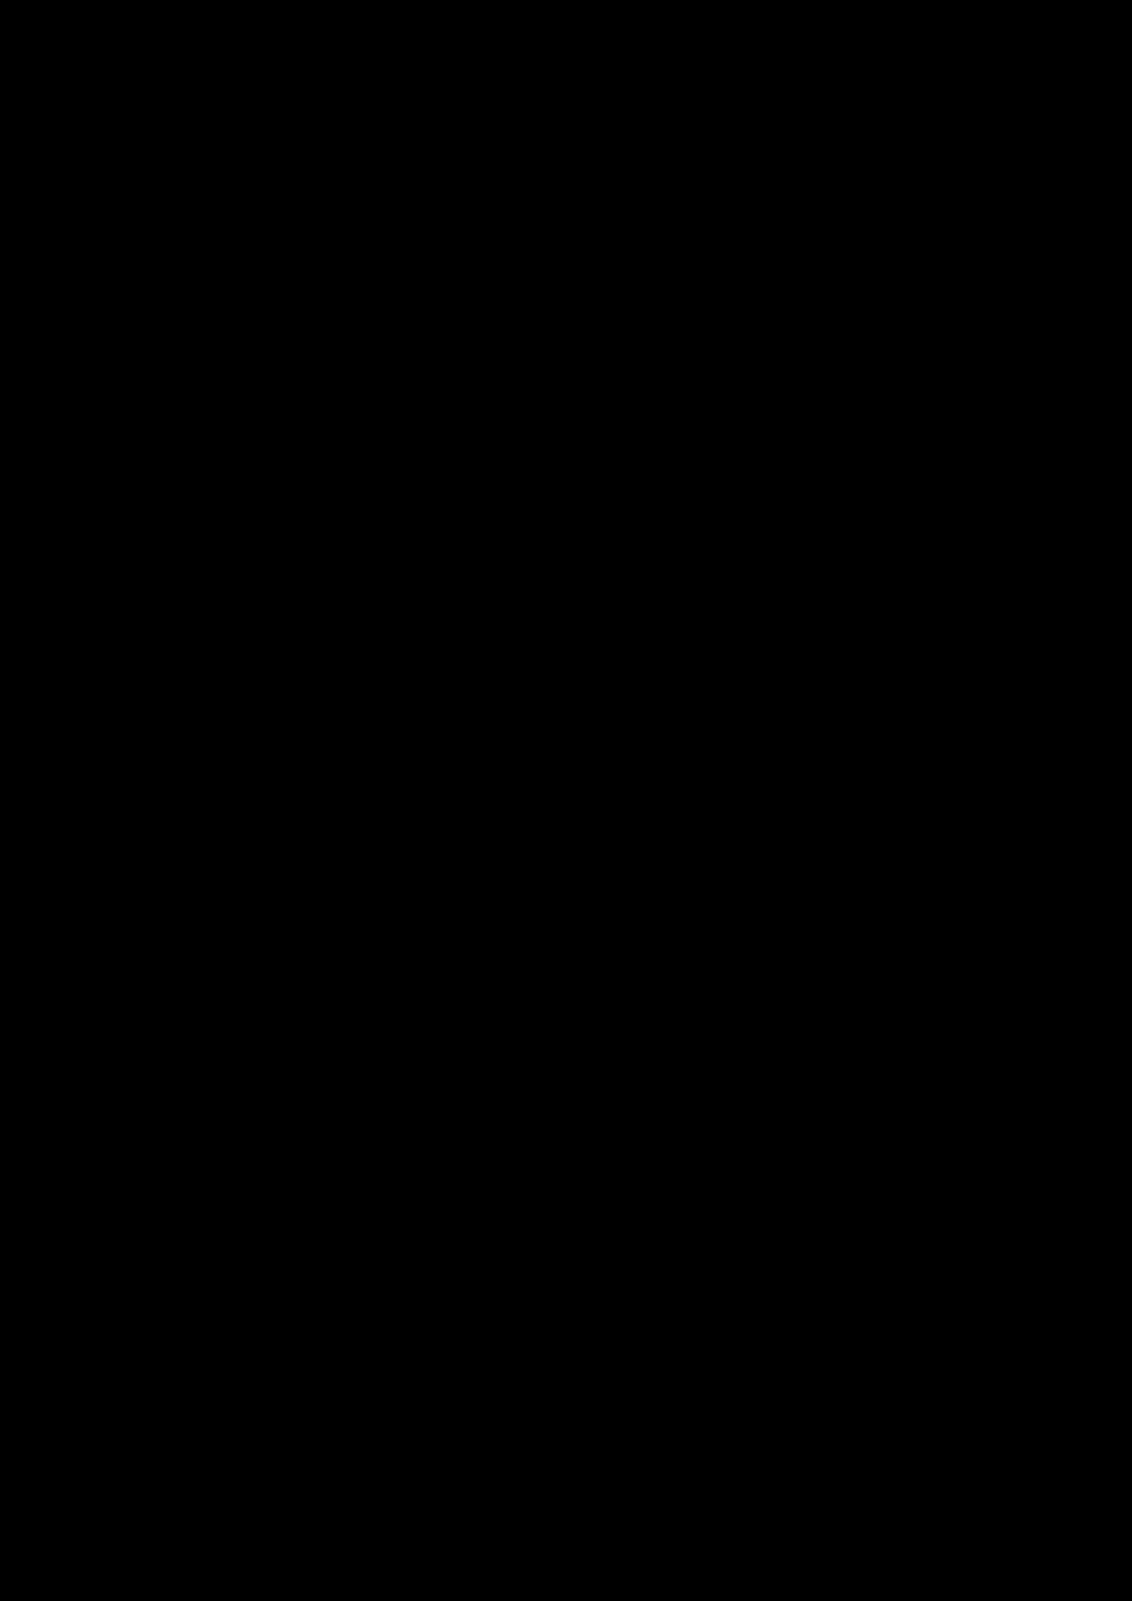 Proschanie s volshebnoy stranoy slide, Image 47